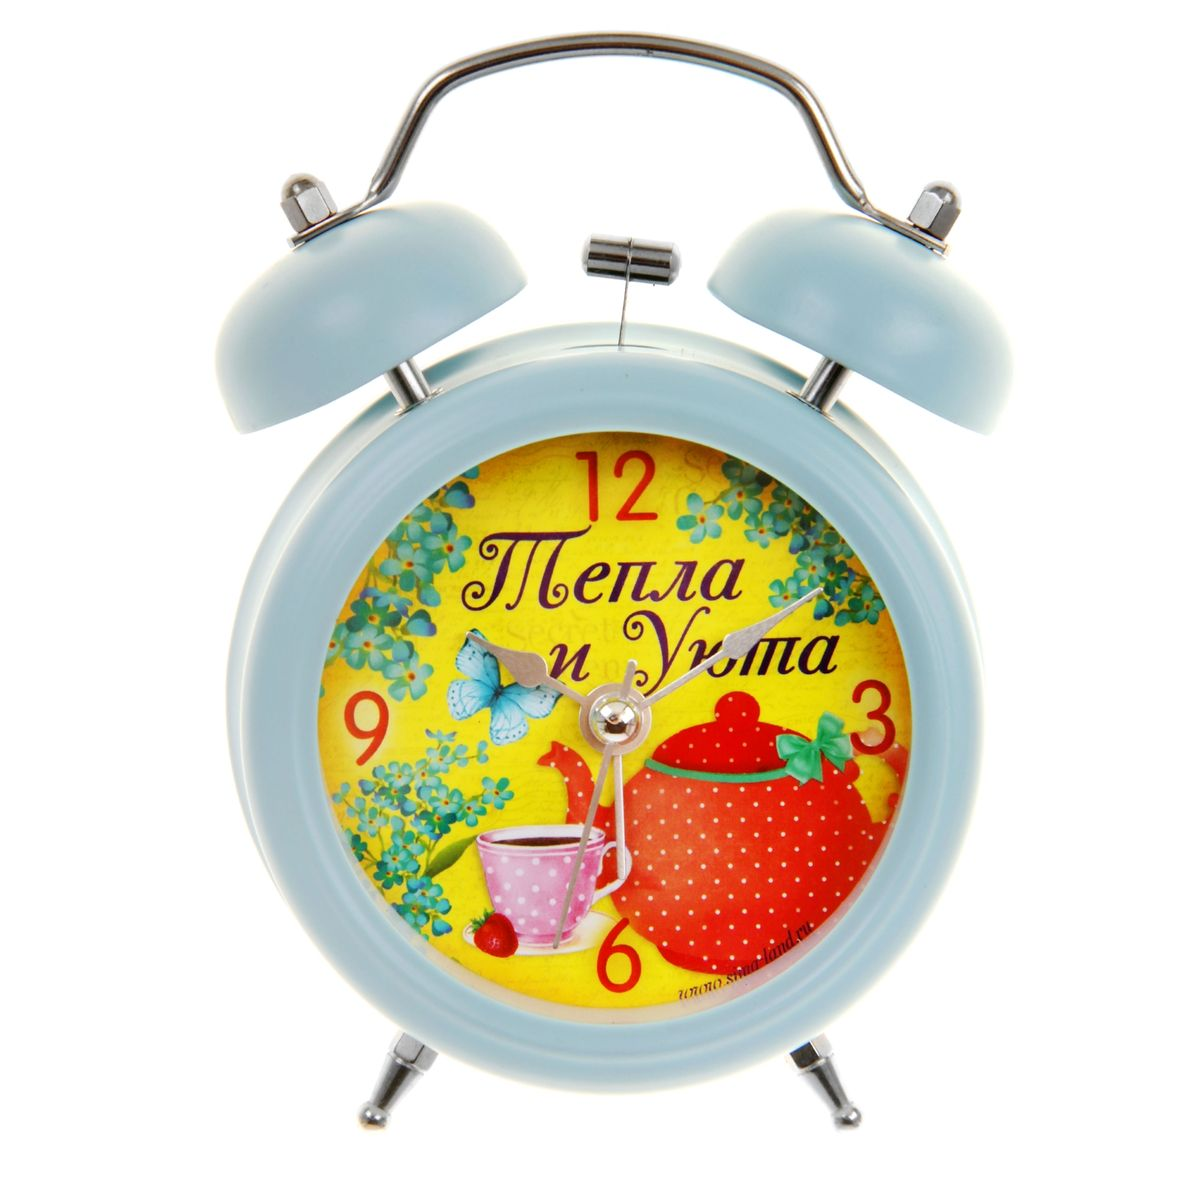 Часы-будильник Sima-land Тепла и уюта839675Как же сложно иногда вставать вовремя! Всегда так хочется поспать еще хотябы 5 минут ибывает,что мы просыпаем. Теперь этого не случится! Яркий, оригинальный будильникSima-land Тепла и уютапоможет вам всегдавставать в нужное время и успевать везде и всюду. Будильник украсит вашукомнату и приведет в восхищение друзей. Время показываетточно и будит вустановленный час. На задней панели будильника расположены переключательвключения/выключения механизма,атакже два колесика для настройки текущего времени и времени звонкабудильника. Также будильник оснащен кнопкой, при нажатии и удержаниикоторой, подсвечивается циферблат.Будильник работает от 1 батарейки типа AA напряжением 1,5V (не входит вкомплект).